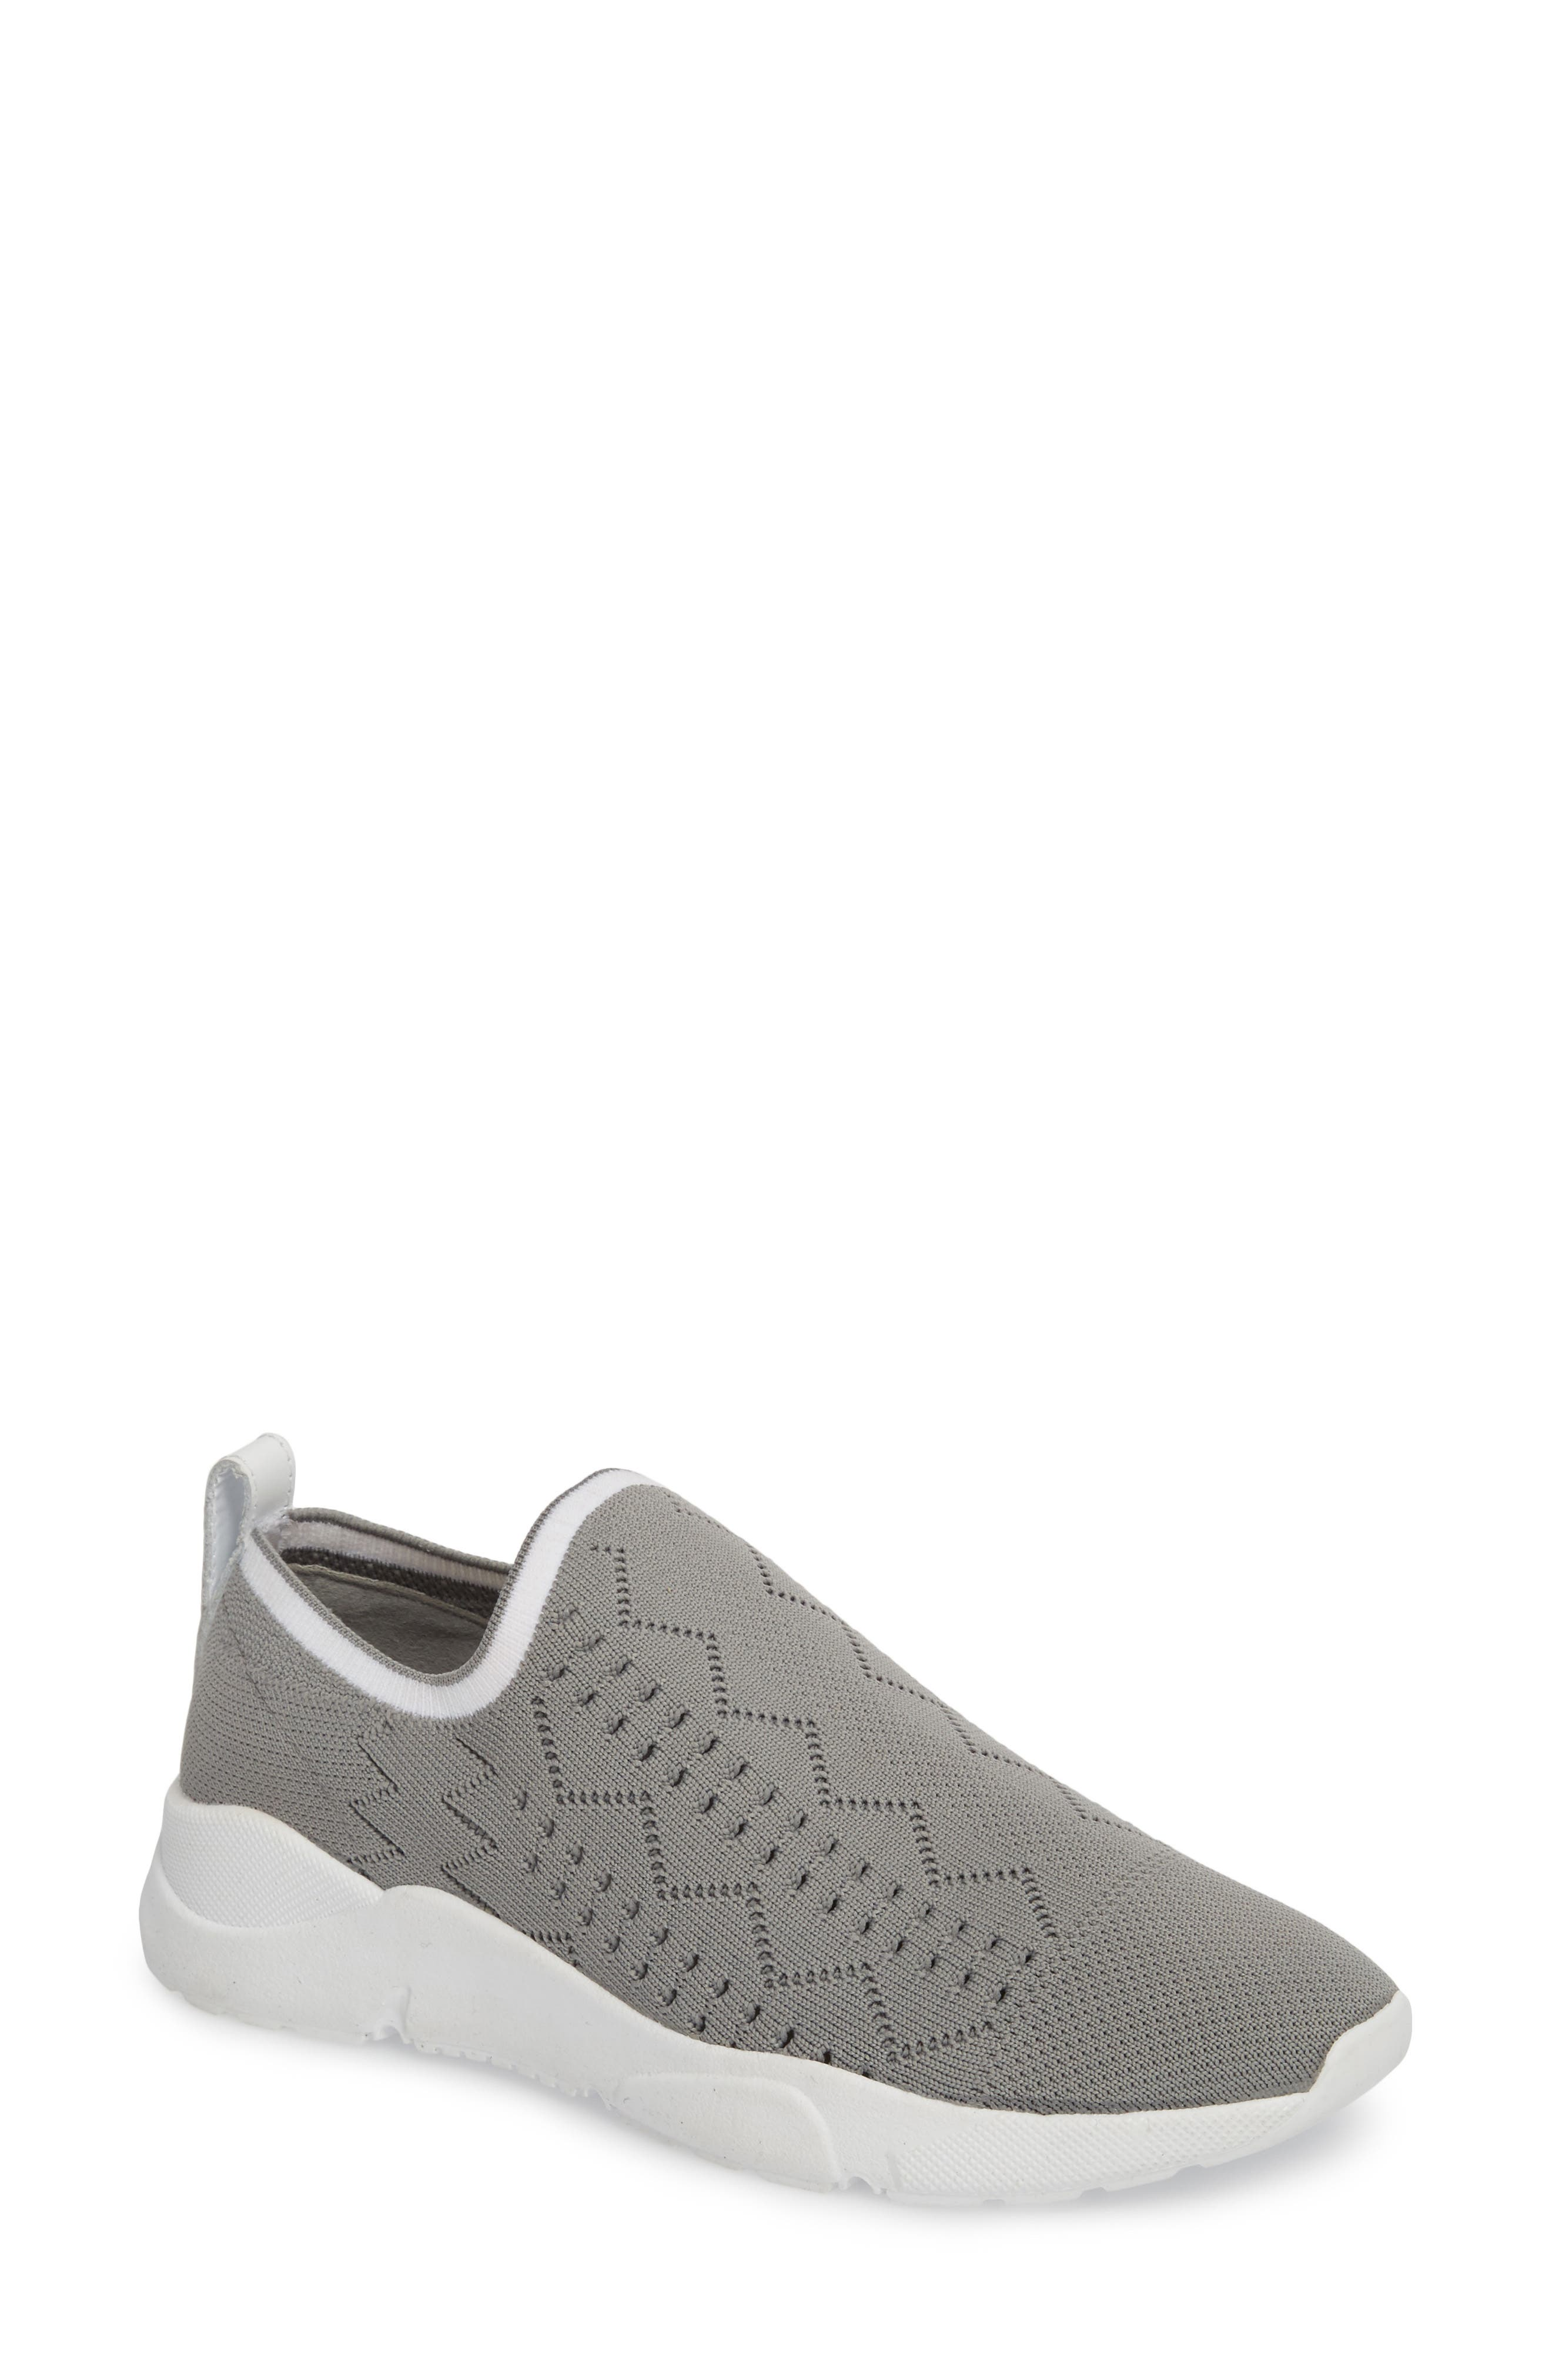 Alternate Image 1 Selected - Marc Fisher LTD Karrie Slip-On Sneaker (Women)